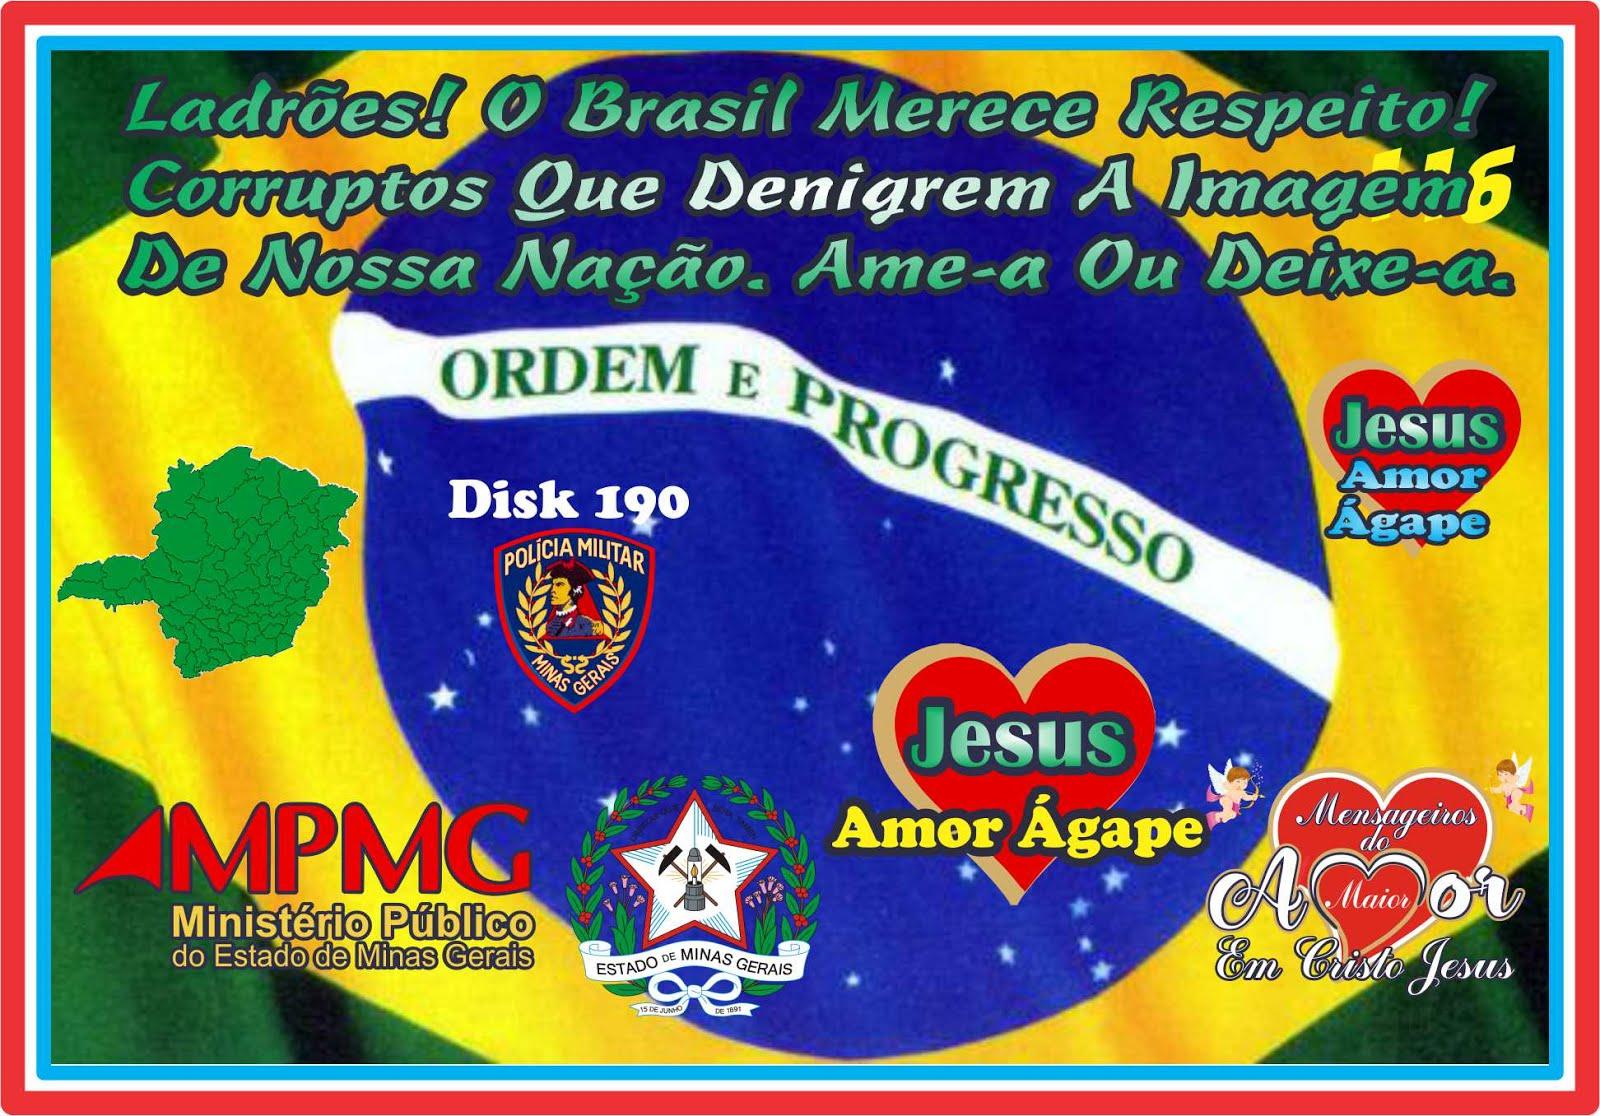 Bandidos O Brasil Merece Respeito, Ame-o Ou Deixe-o